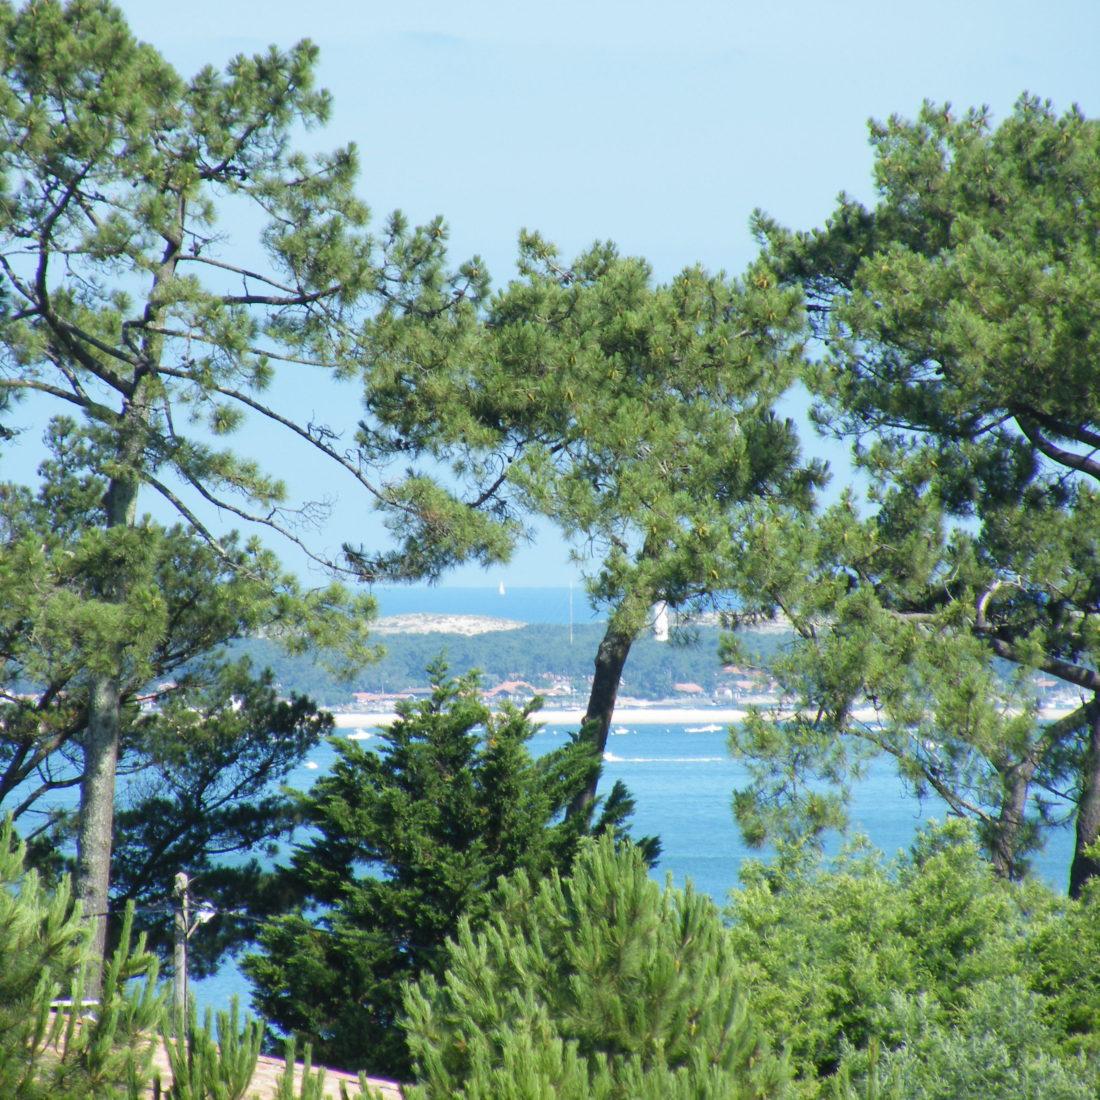 bordeaux so you - tour dune du pilat et bassin arcachon